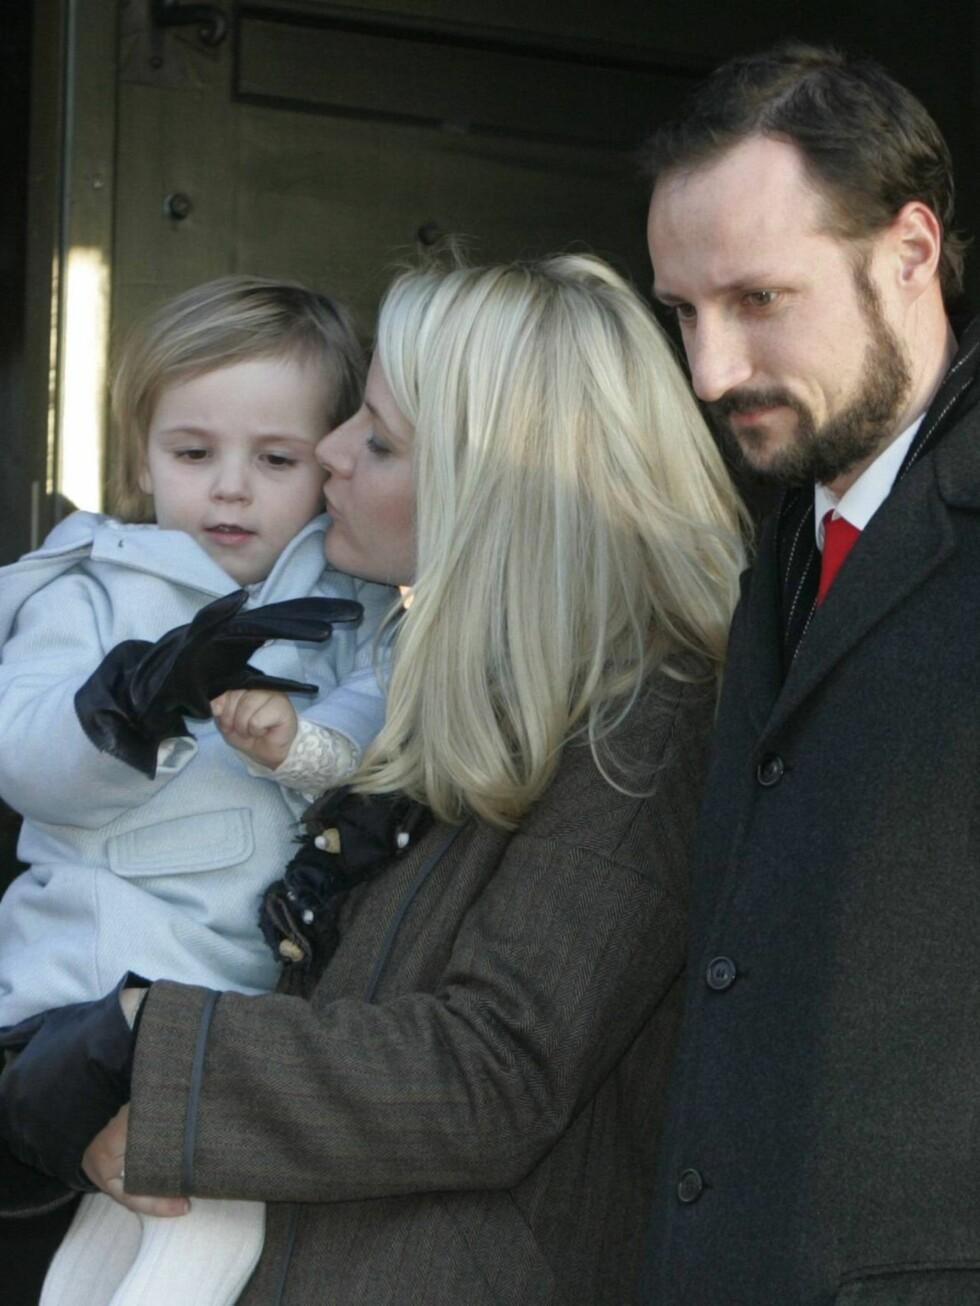 SAMMEN: Lilla Ingrid Alexandra har fløyet med mamma og pappa siden hun var noen måneder gammel. Foto: SCANPIX